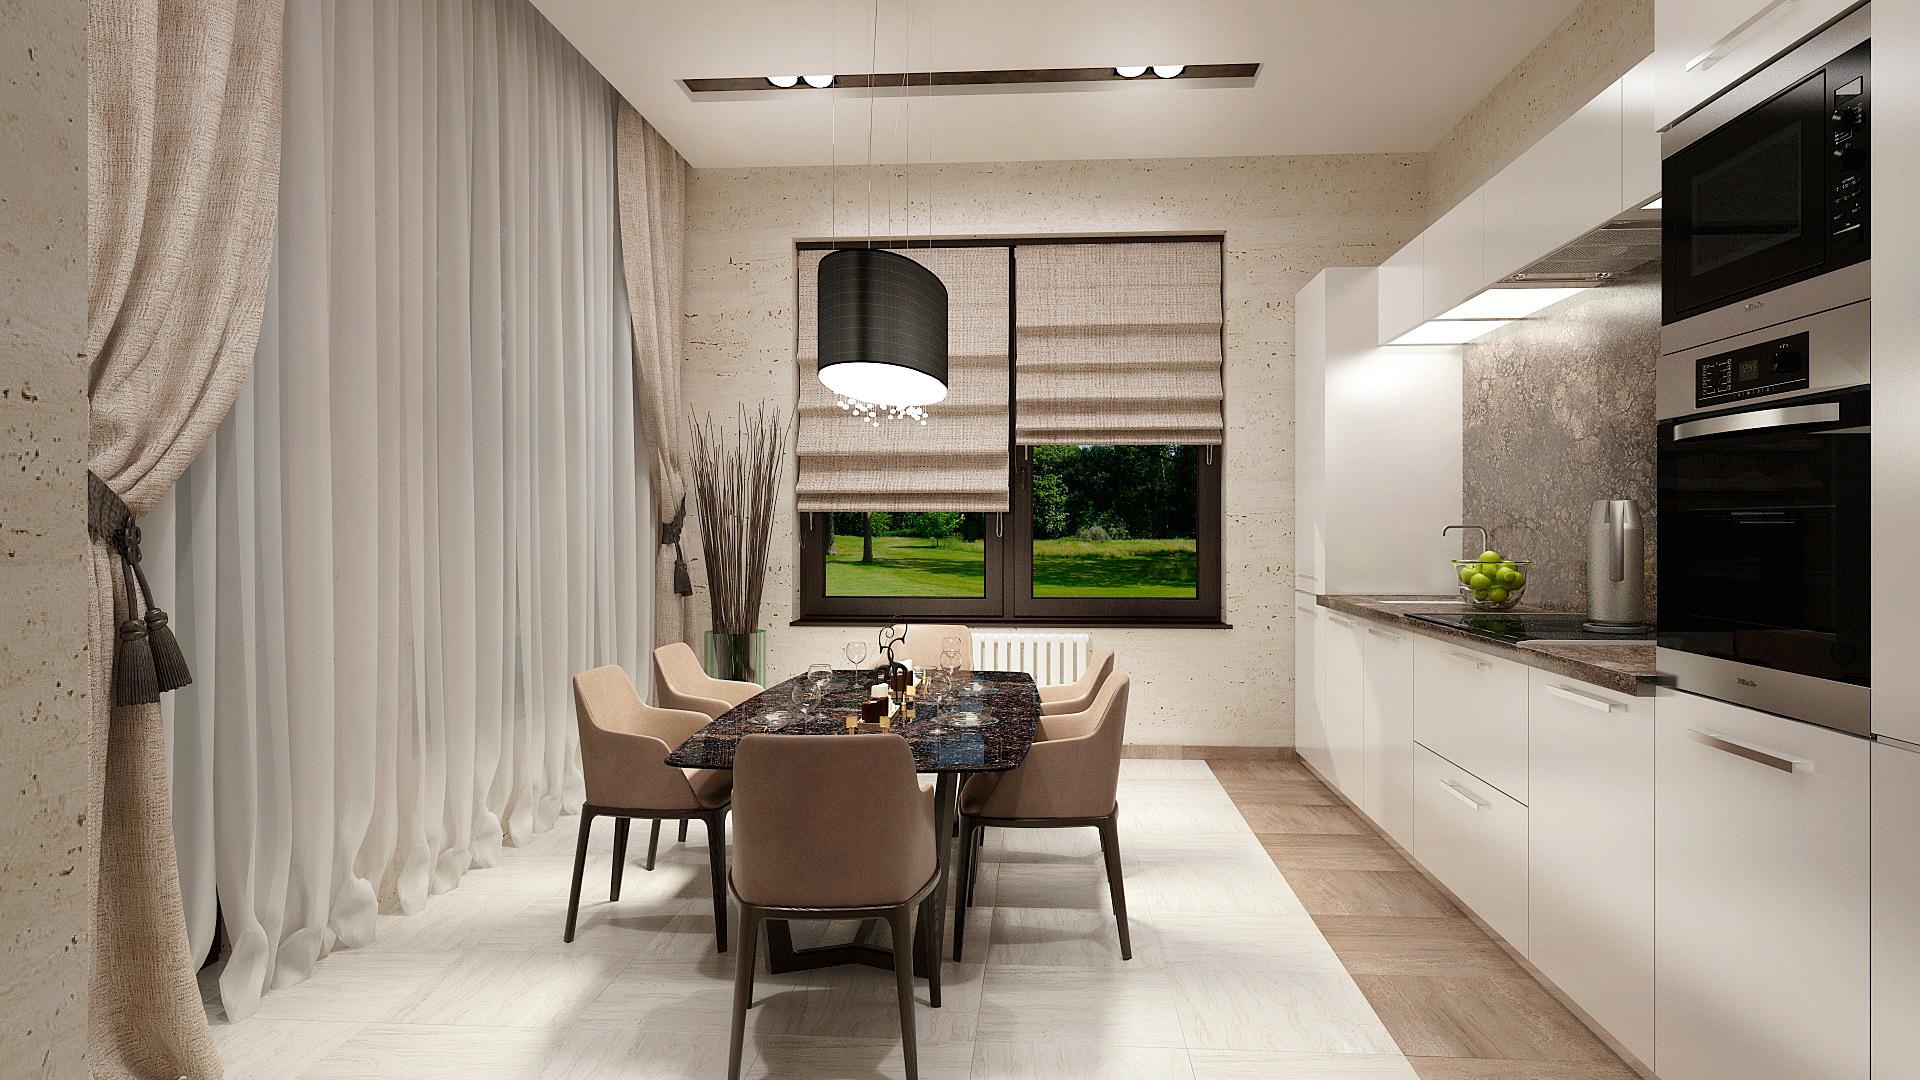 Декор и дизайн простыми словами, сделайте вашу жизнь и дом красивее -  dekor-dizajn.ru